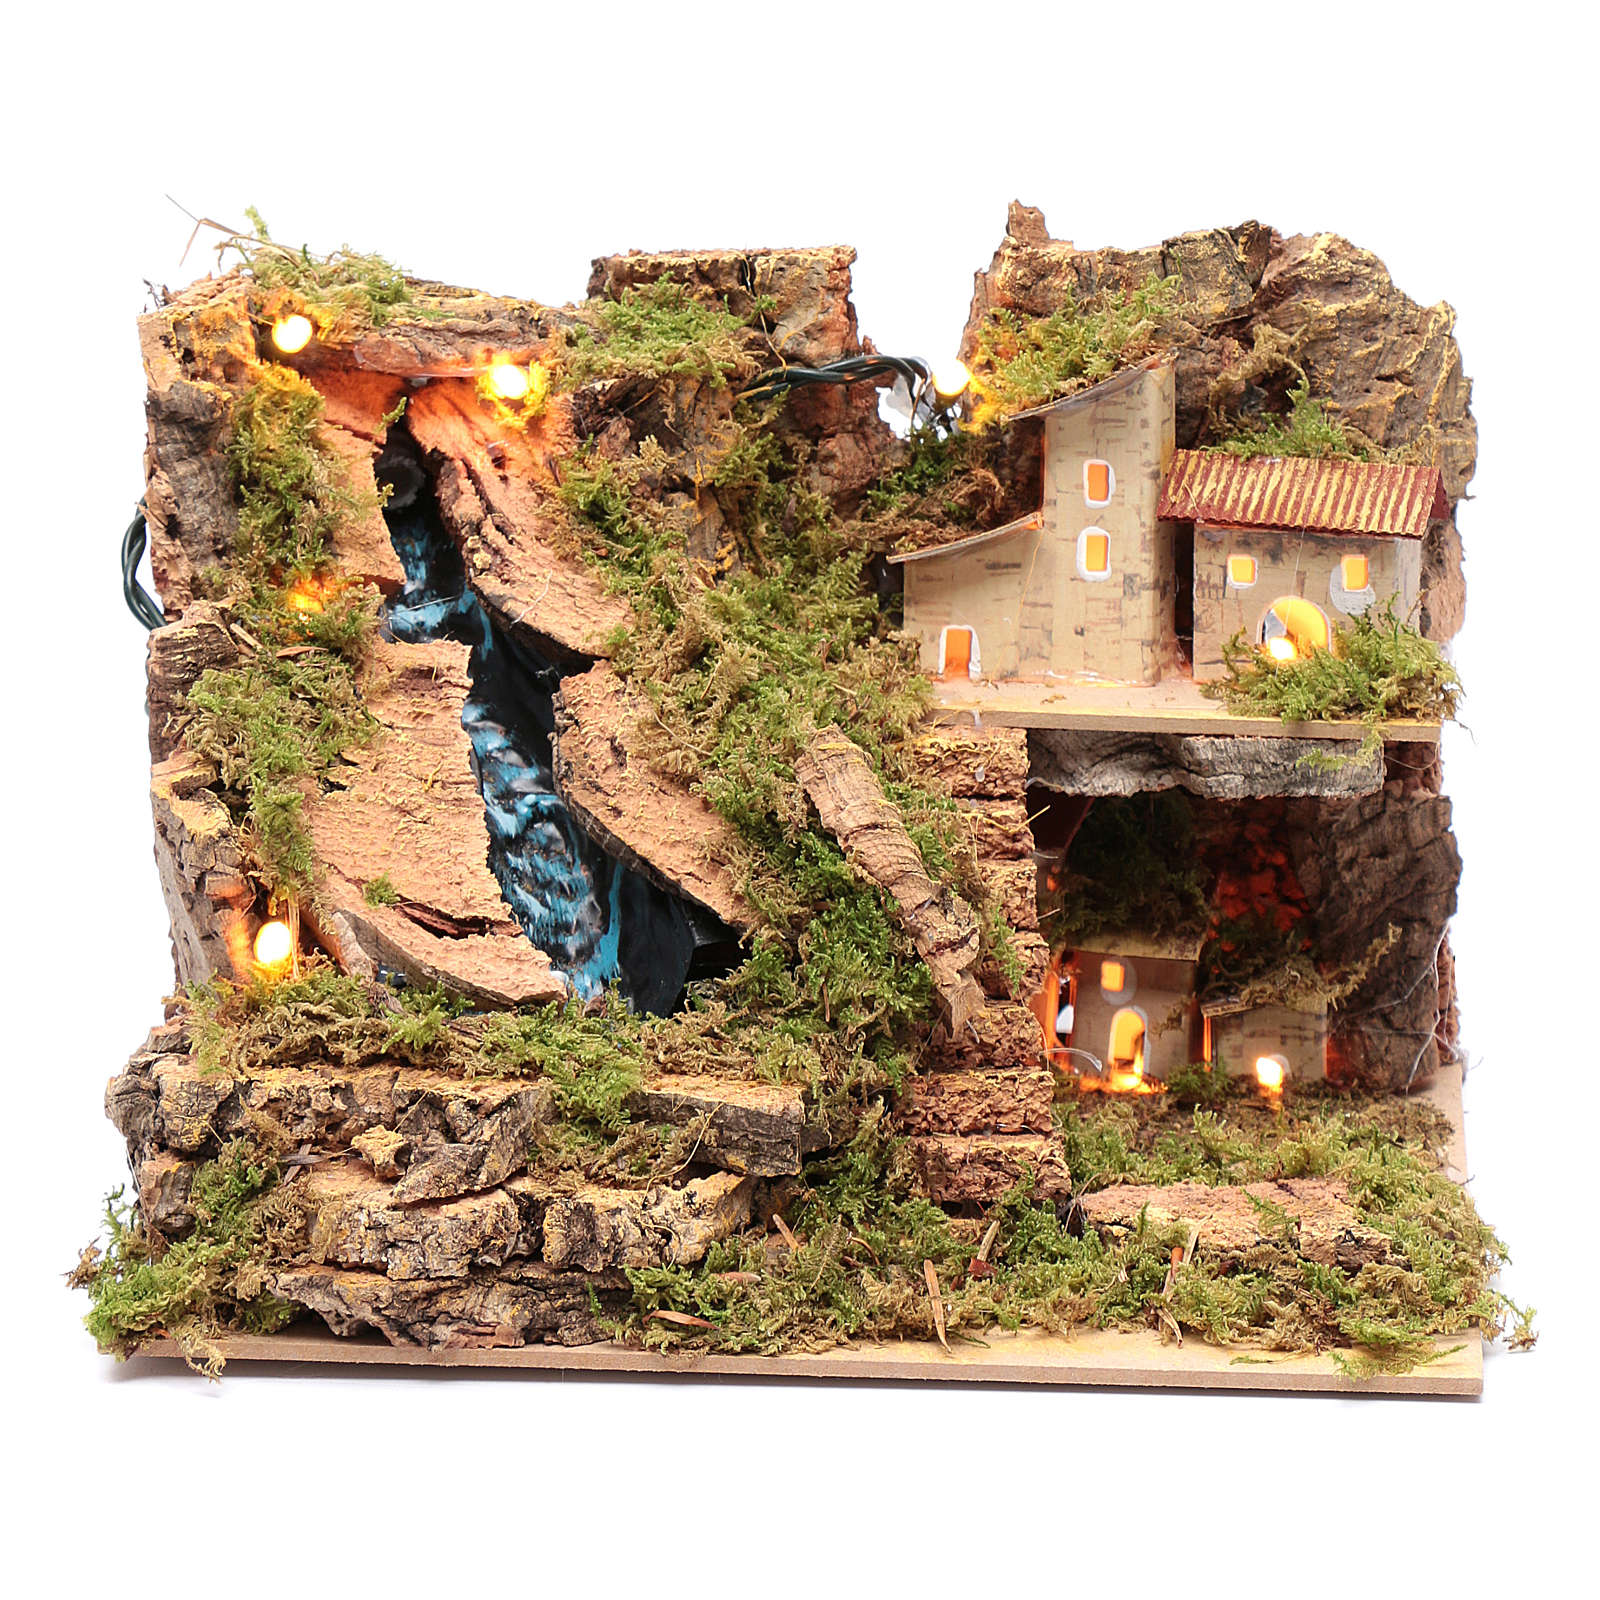 Arroyo accesorio para belén con luces 15x25x20 cm 4